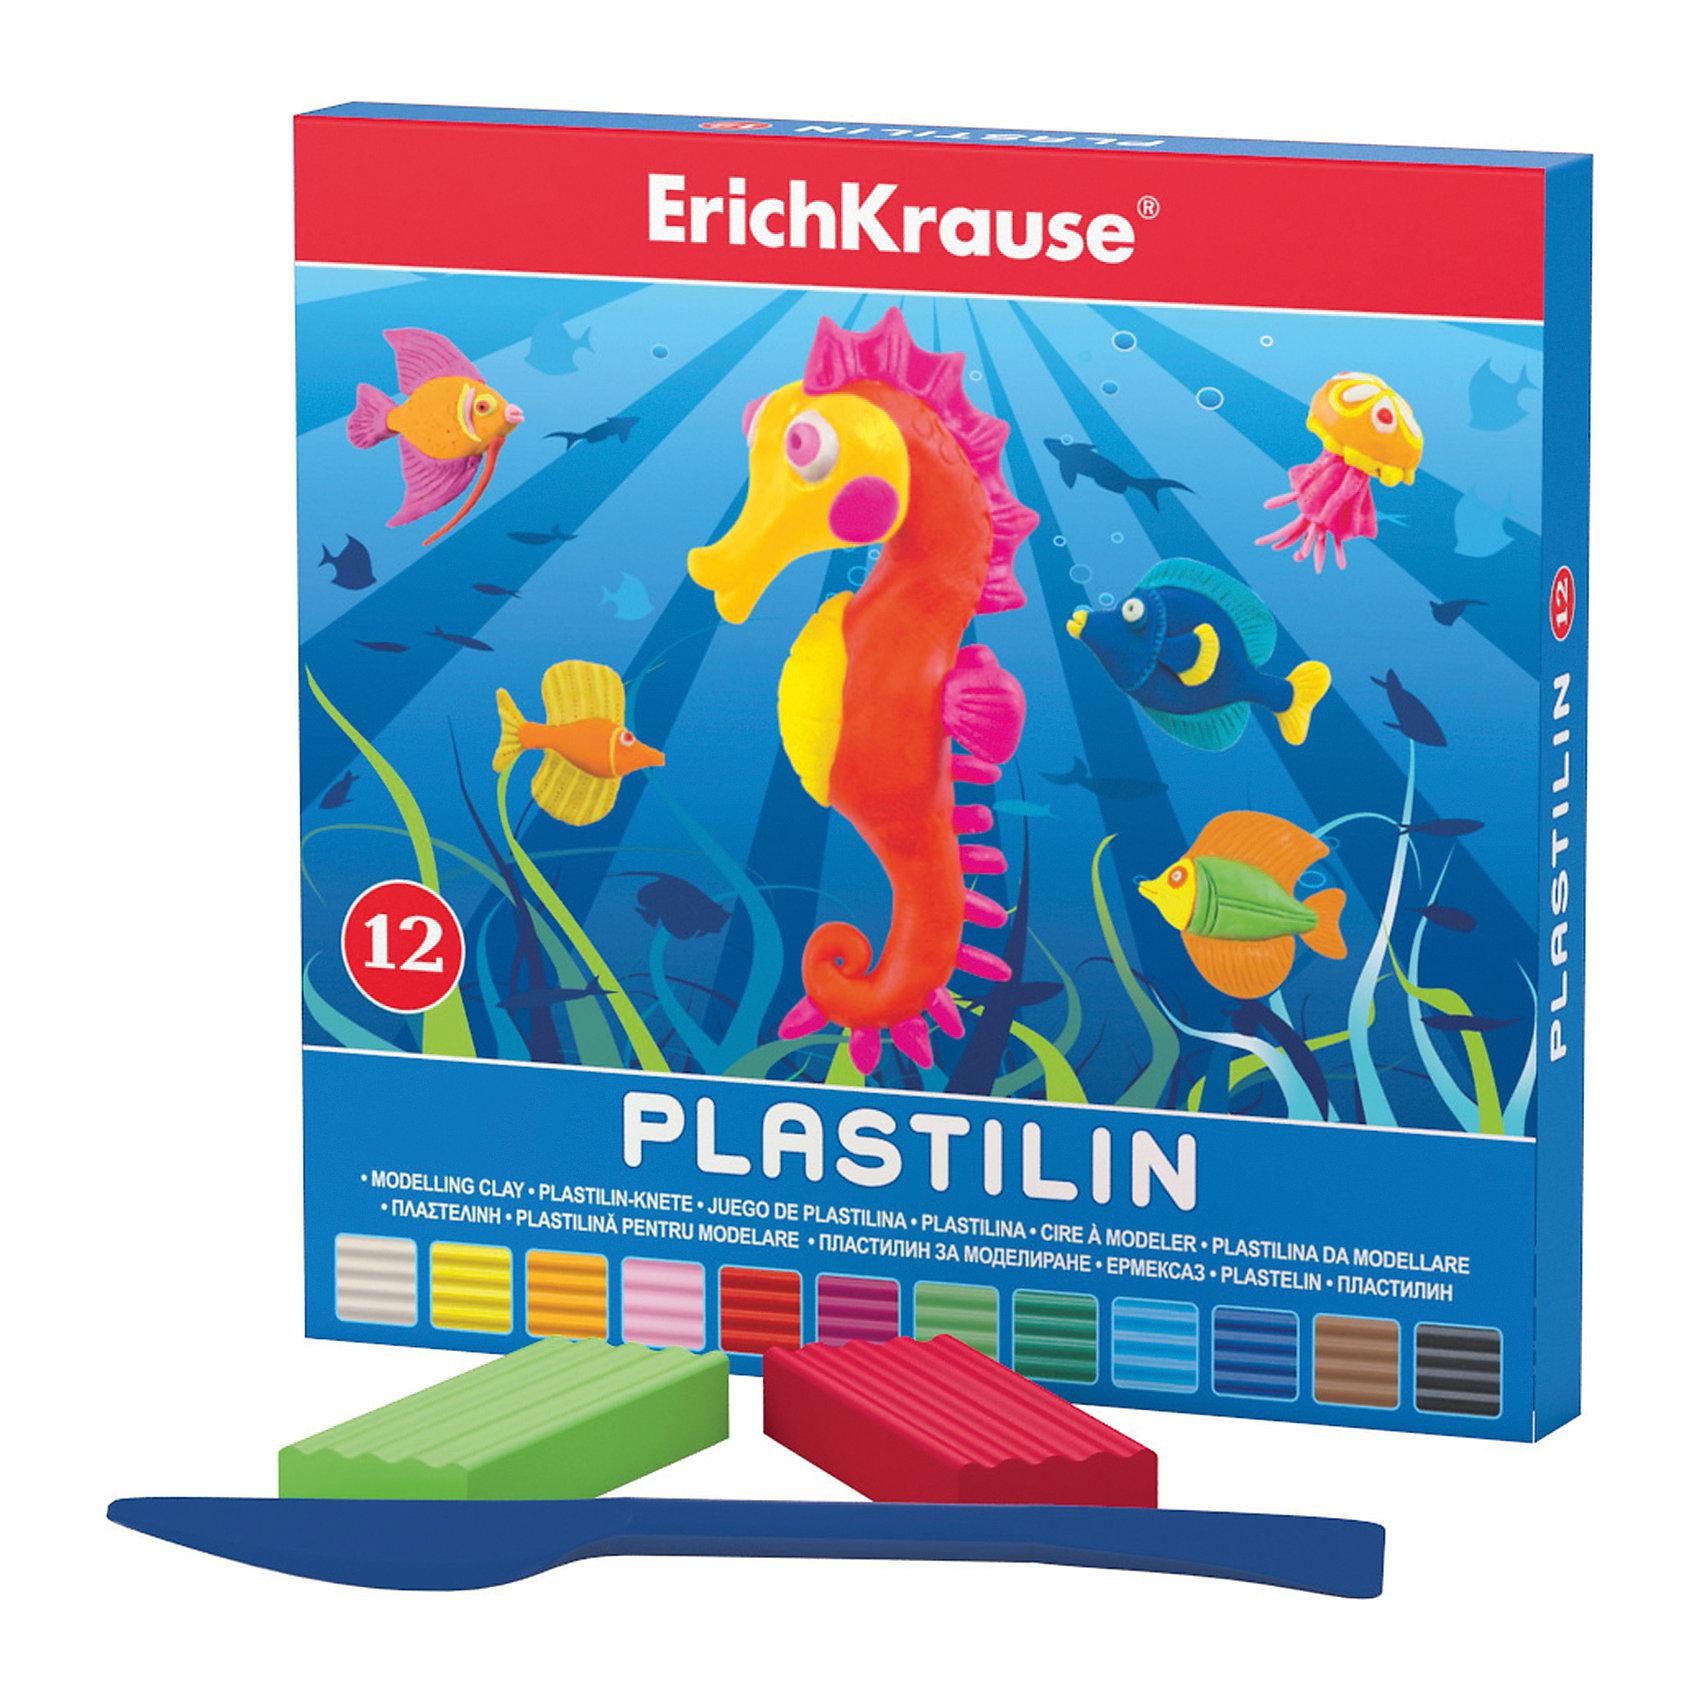 Пластилин 12 цветов, 216г, со стекомЛепка<br>Пластилин 12 цветов, 216г, со стеком<br><br>Характеристики:<br><br>• В набор входит: 12 брусочков пластилина, лопаточка-стек<br>• Размер упаковки: 15 * 1,6 * 14 см.<br>• Вес: 248 г.<br>• Для детей в возрасте: от 3-х лет<br>• Страна производитель: Китай<br><br>Двенадцать ярких цветных брусочков пластилина изготовлены из безопасных для детей материалов и уже готовы к лепке. В набор входит лопаточка для пластилина, с ней вы сможете разрезать пластилин, делать его плоским или рифленым. Насыщенные цвета пластилина почти не оставляют следов на руках и могут перемешиваться между собой. Поделки из разных цветов отлично прикрепляются друг к другу. Работая с пластилином вы можете делать объемные фигурки, а также можете наносить пластилин на бумагу, картон или даже стекло, чтобы выполнять новые картины или даже фрески. <br><br>В набор входят основные двенадцать цветов, которые помогут создать настоящие шедевры. Занимаясь лепкой дети развивают моторику рук, творческие способности, восприятие цветов и их сочетаний, а также лепка благотворно влияет на развитие речи, координацию движений, память и логическое мышление. Лепка всей семьей поможет весело и пользой провести время!<br><br>Пластилин 12 цветов, 216г, со стеком можно купить в нашем интернет-магазине<br><br>Ширина мм: 153<br>Глубина мм: 143<br>Высота мм: 16<br>Вес г: 248<br>Возраст от месяцев: 60<br>Возраст до месяцев: 216<br>Пол: Унисекс<br>Возраст: Детский<br>SKU: 5409293